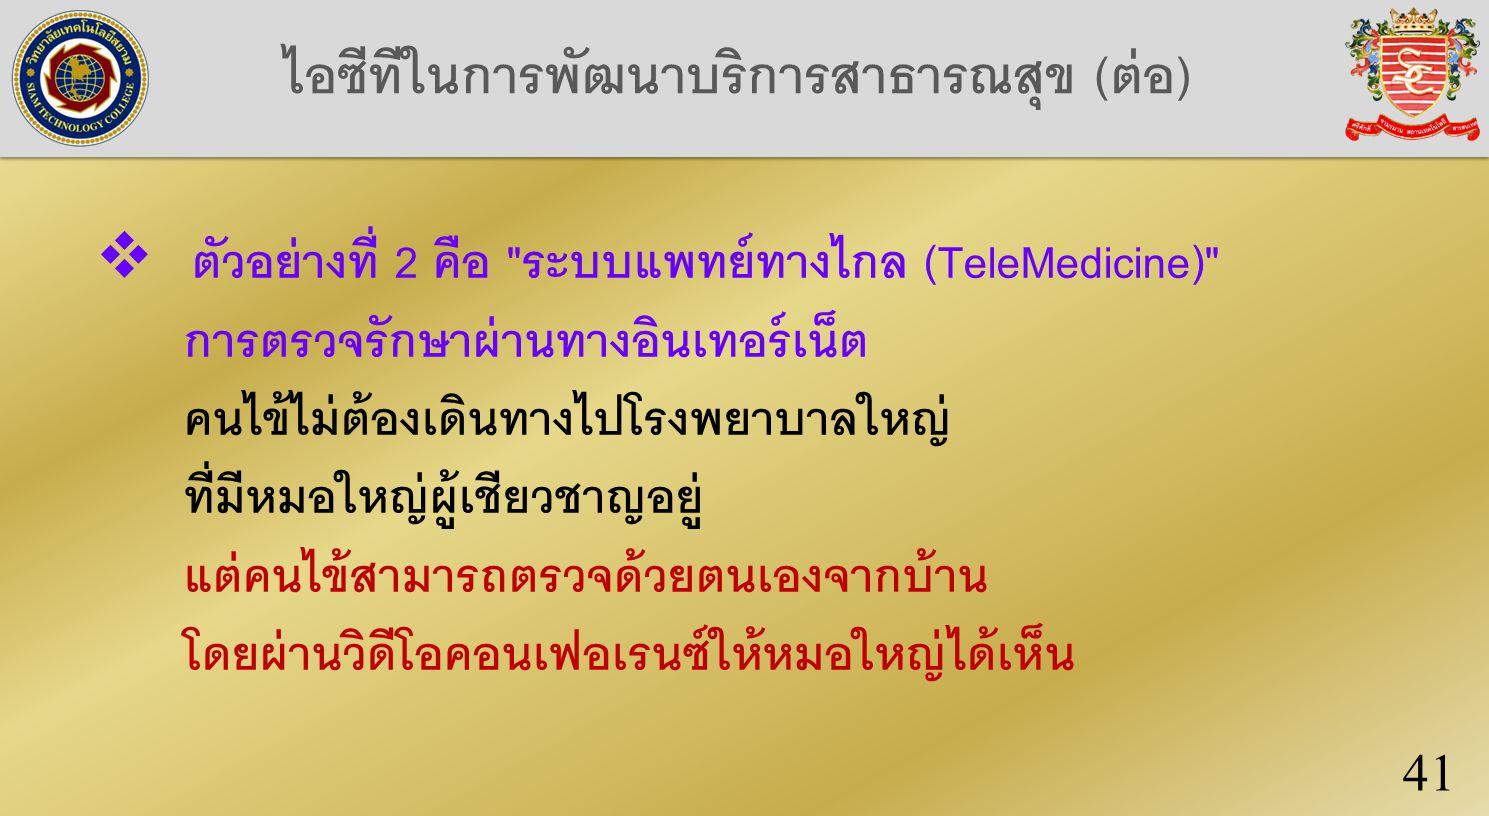 ไอซีทีในการพัฒนาบริการสาธารณสุข (ต่อ) 41  ตัวอย่างที่ 2 คือ ระบบแพทย์ทางไกล (TeleMedicine) การตรวจรักษาผ่านทางอินเทอร์เน็ต คนไข้ไม่ต้องเดินทางไปโรงพยาบาลใหญ่ ที่มีหมอใหญ่ผู้เชียวชาญอยู่ แต่คนไข้สามารถตรวจด้วยตนเองจากบ้าน โดยผ่านวิดีโอคอนเฟอเรนซ์ให้หมอใหญ่ได้เห็น